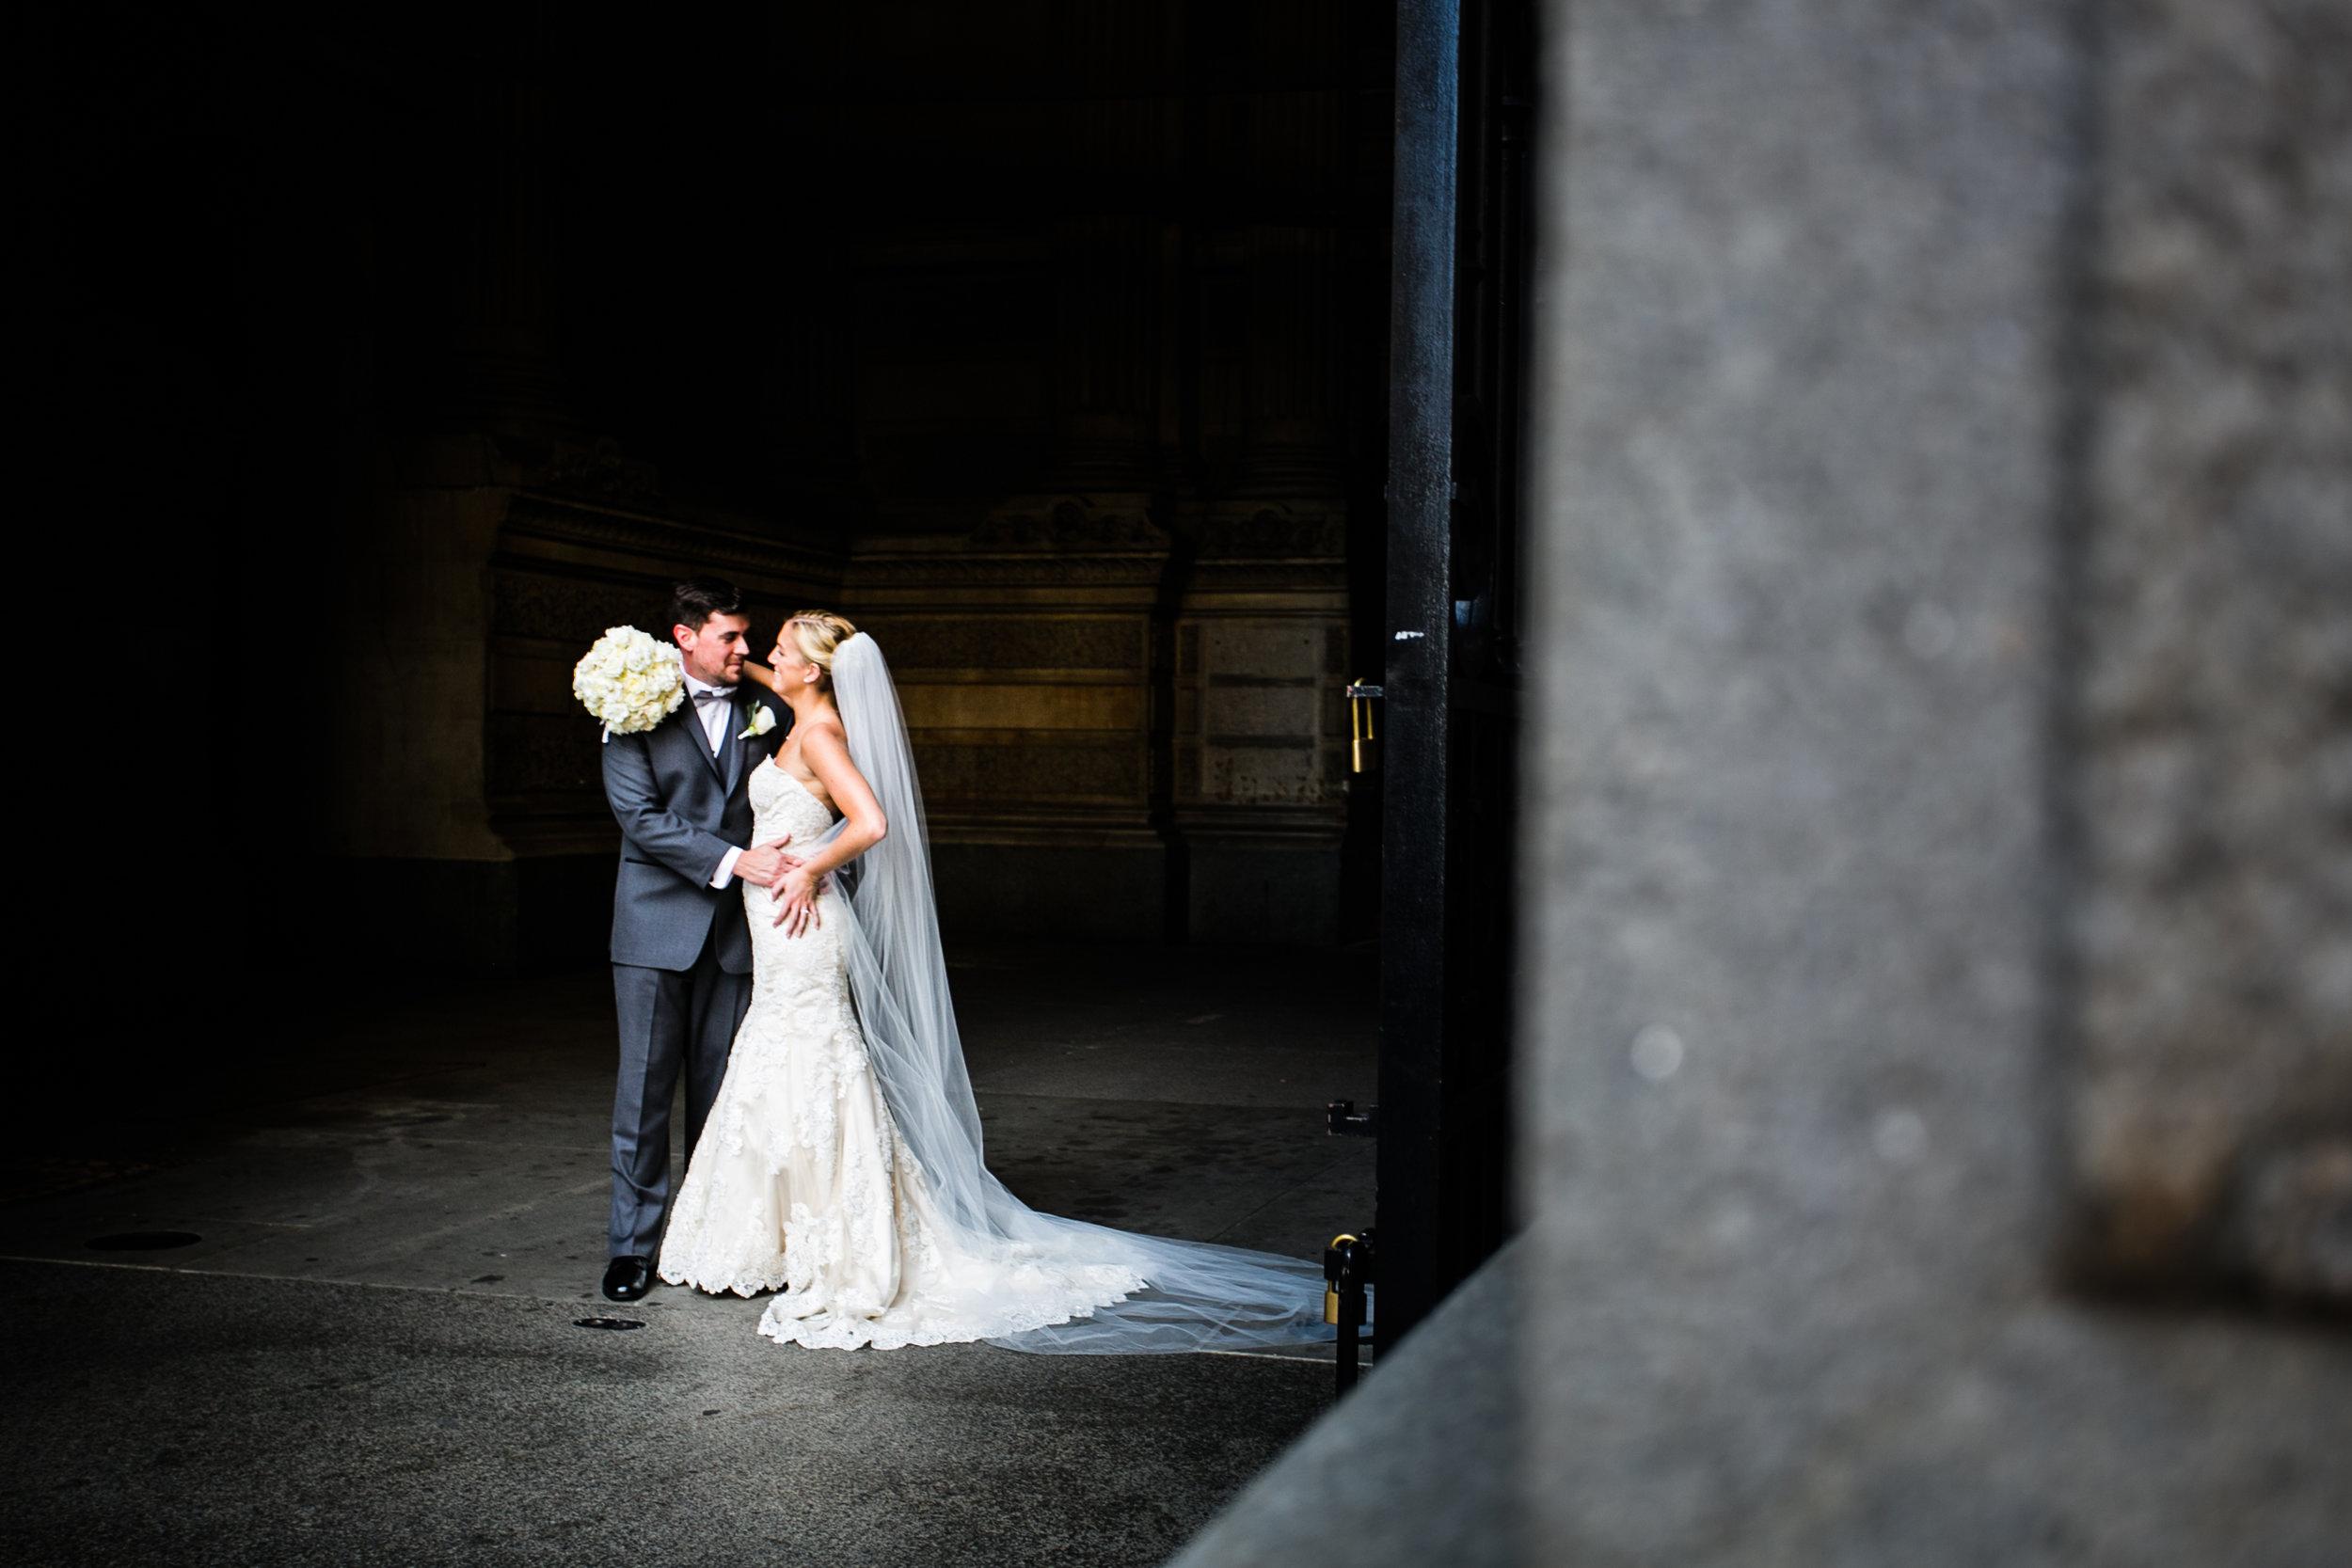 TENDENZA FISHTOWN PHILADELPHIA WEDDING - 074.jpg